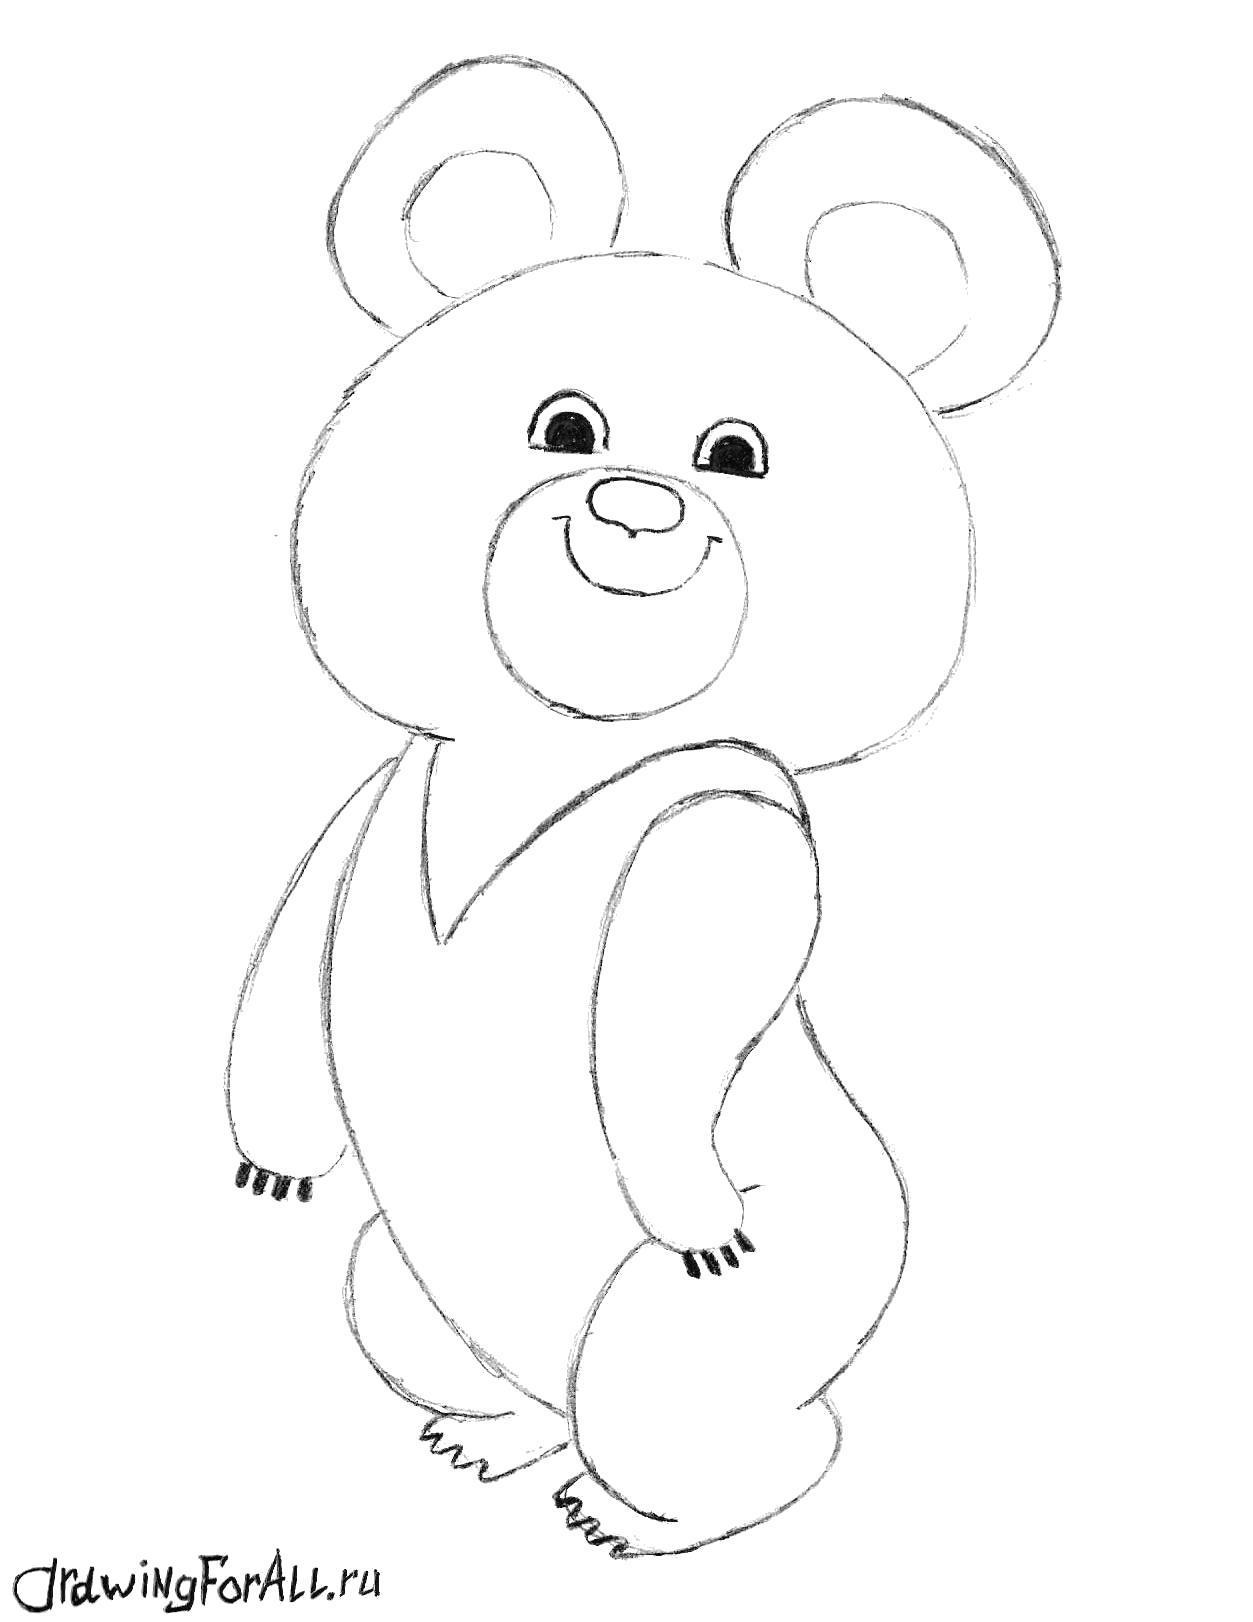 Название: Раскраска как нарисовать олимпийского медвежонка. Категория: Как нарисовать. Теги: Как нарисовать.